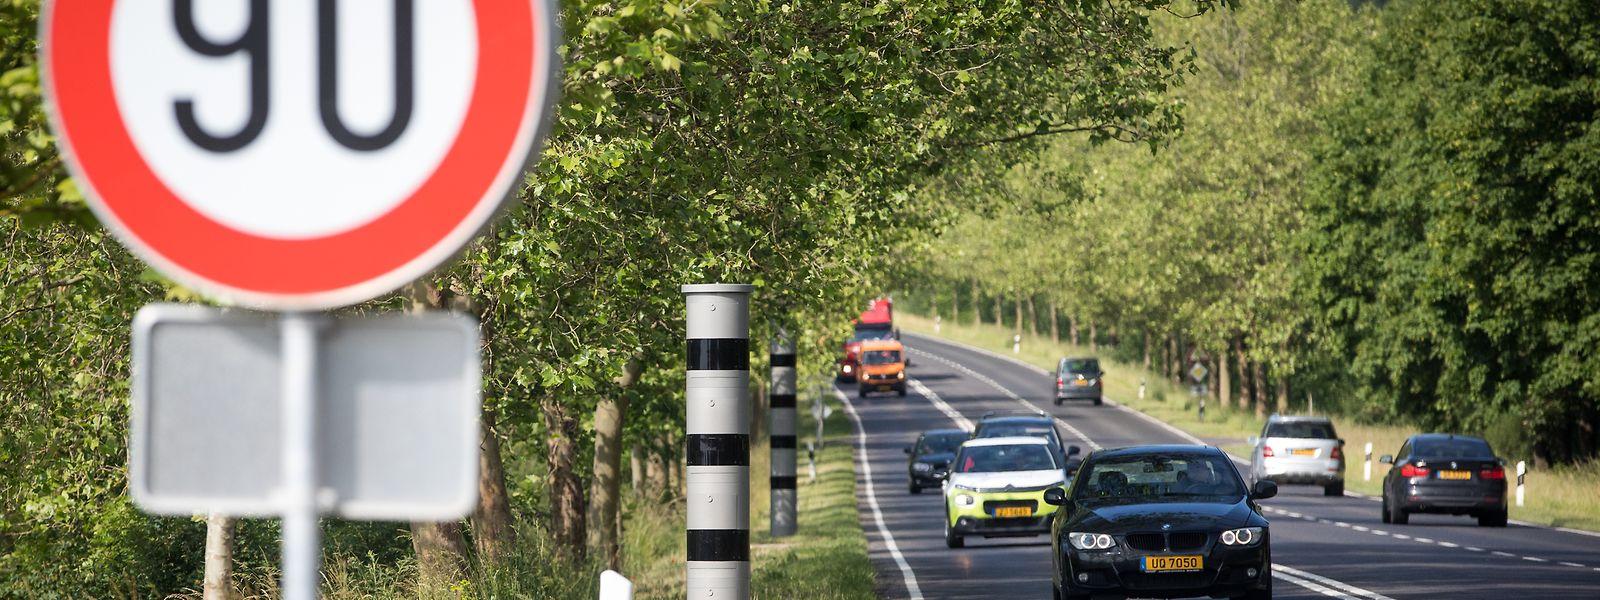 Si l'Etat a déjà récolté plus de 70.000 euros d'amendes sur ce tronçon, en revanche aucun «délit de grande vitesse» n'a toutefois été constaté depuis la mi-juin